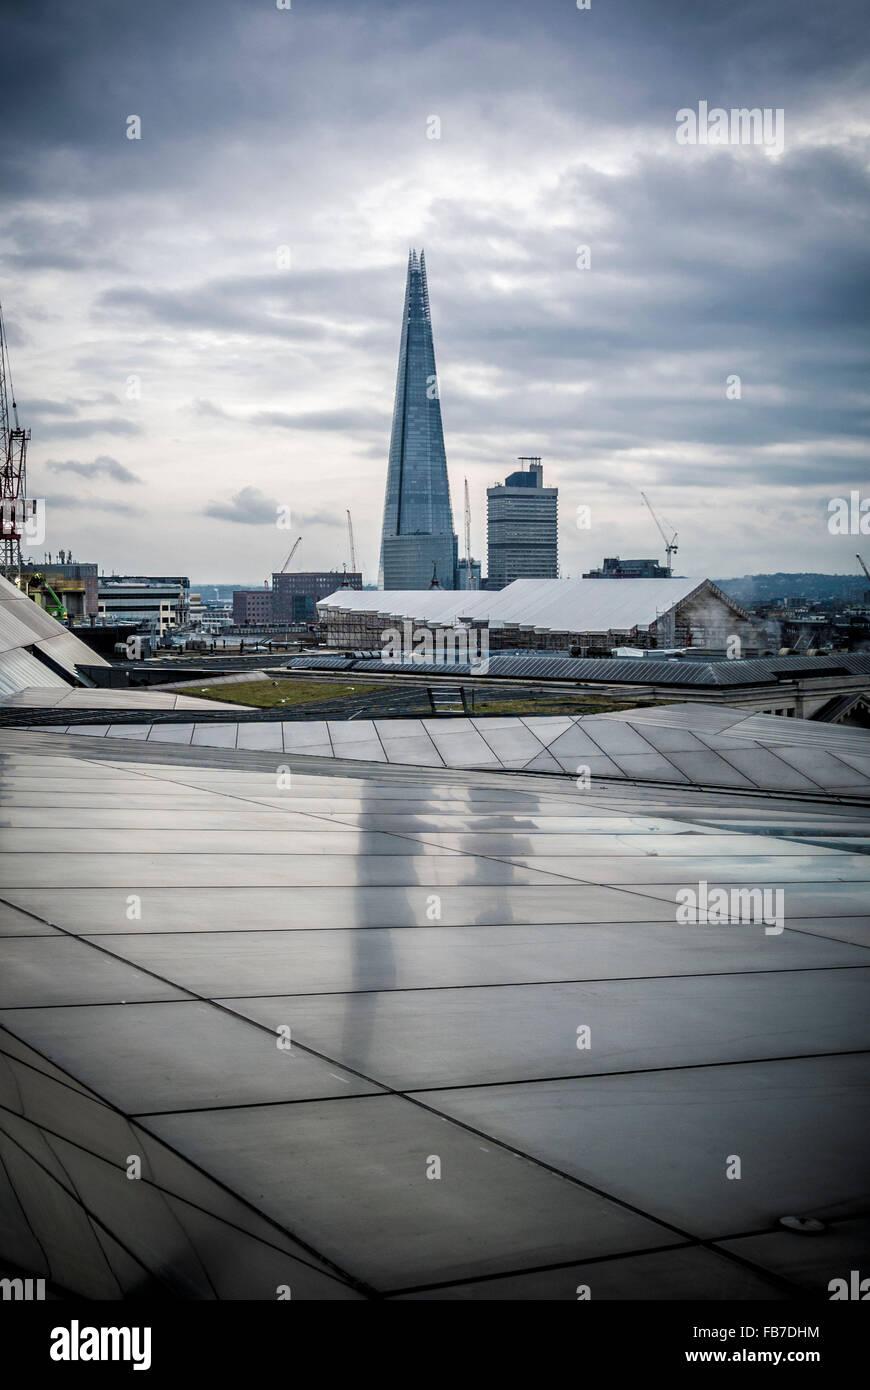 The Shard, London, UK. - Stock Image